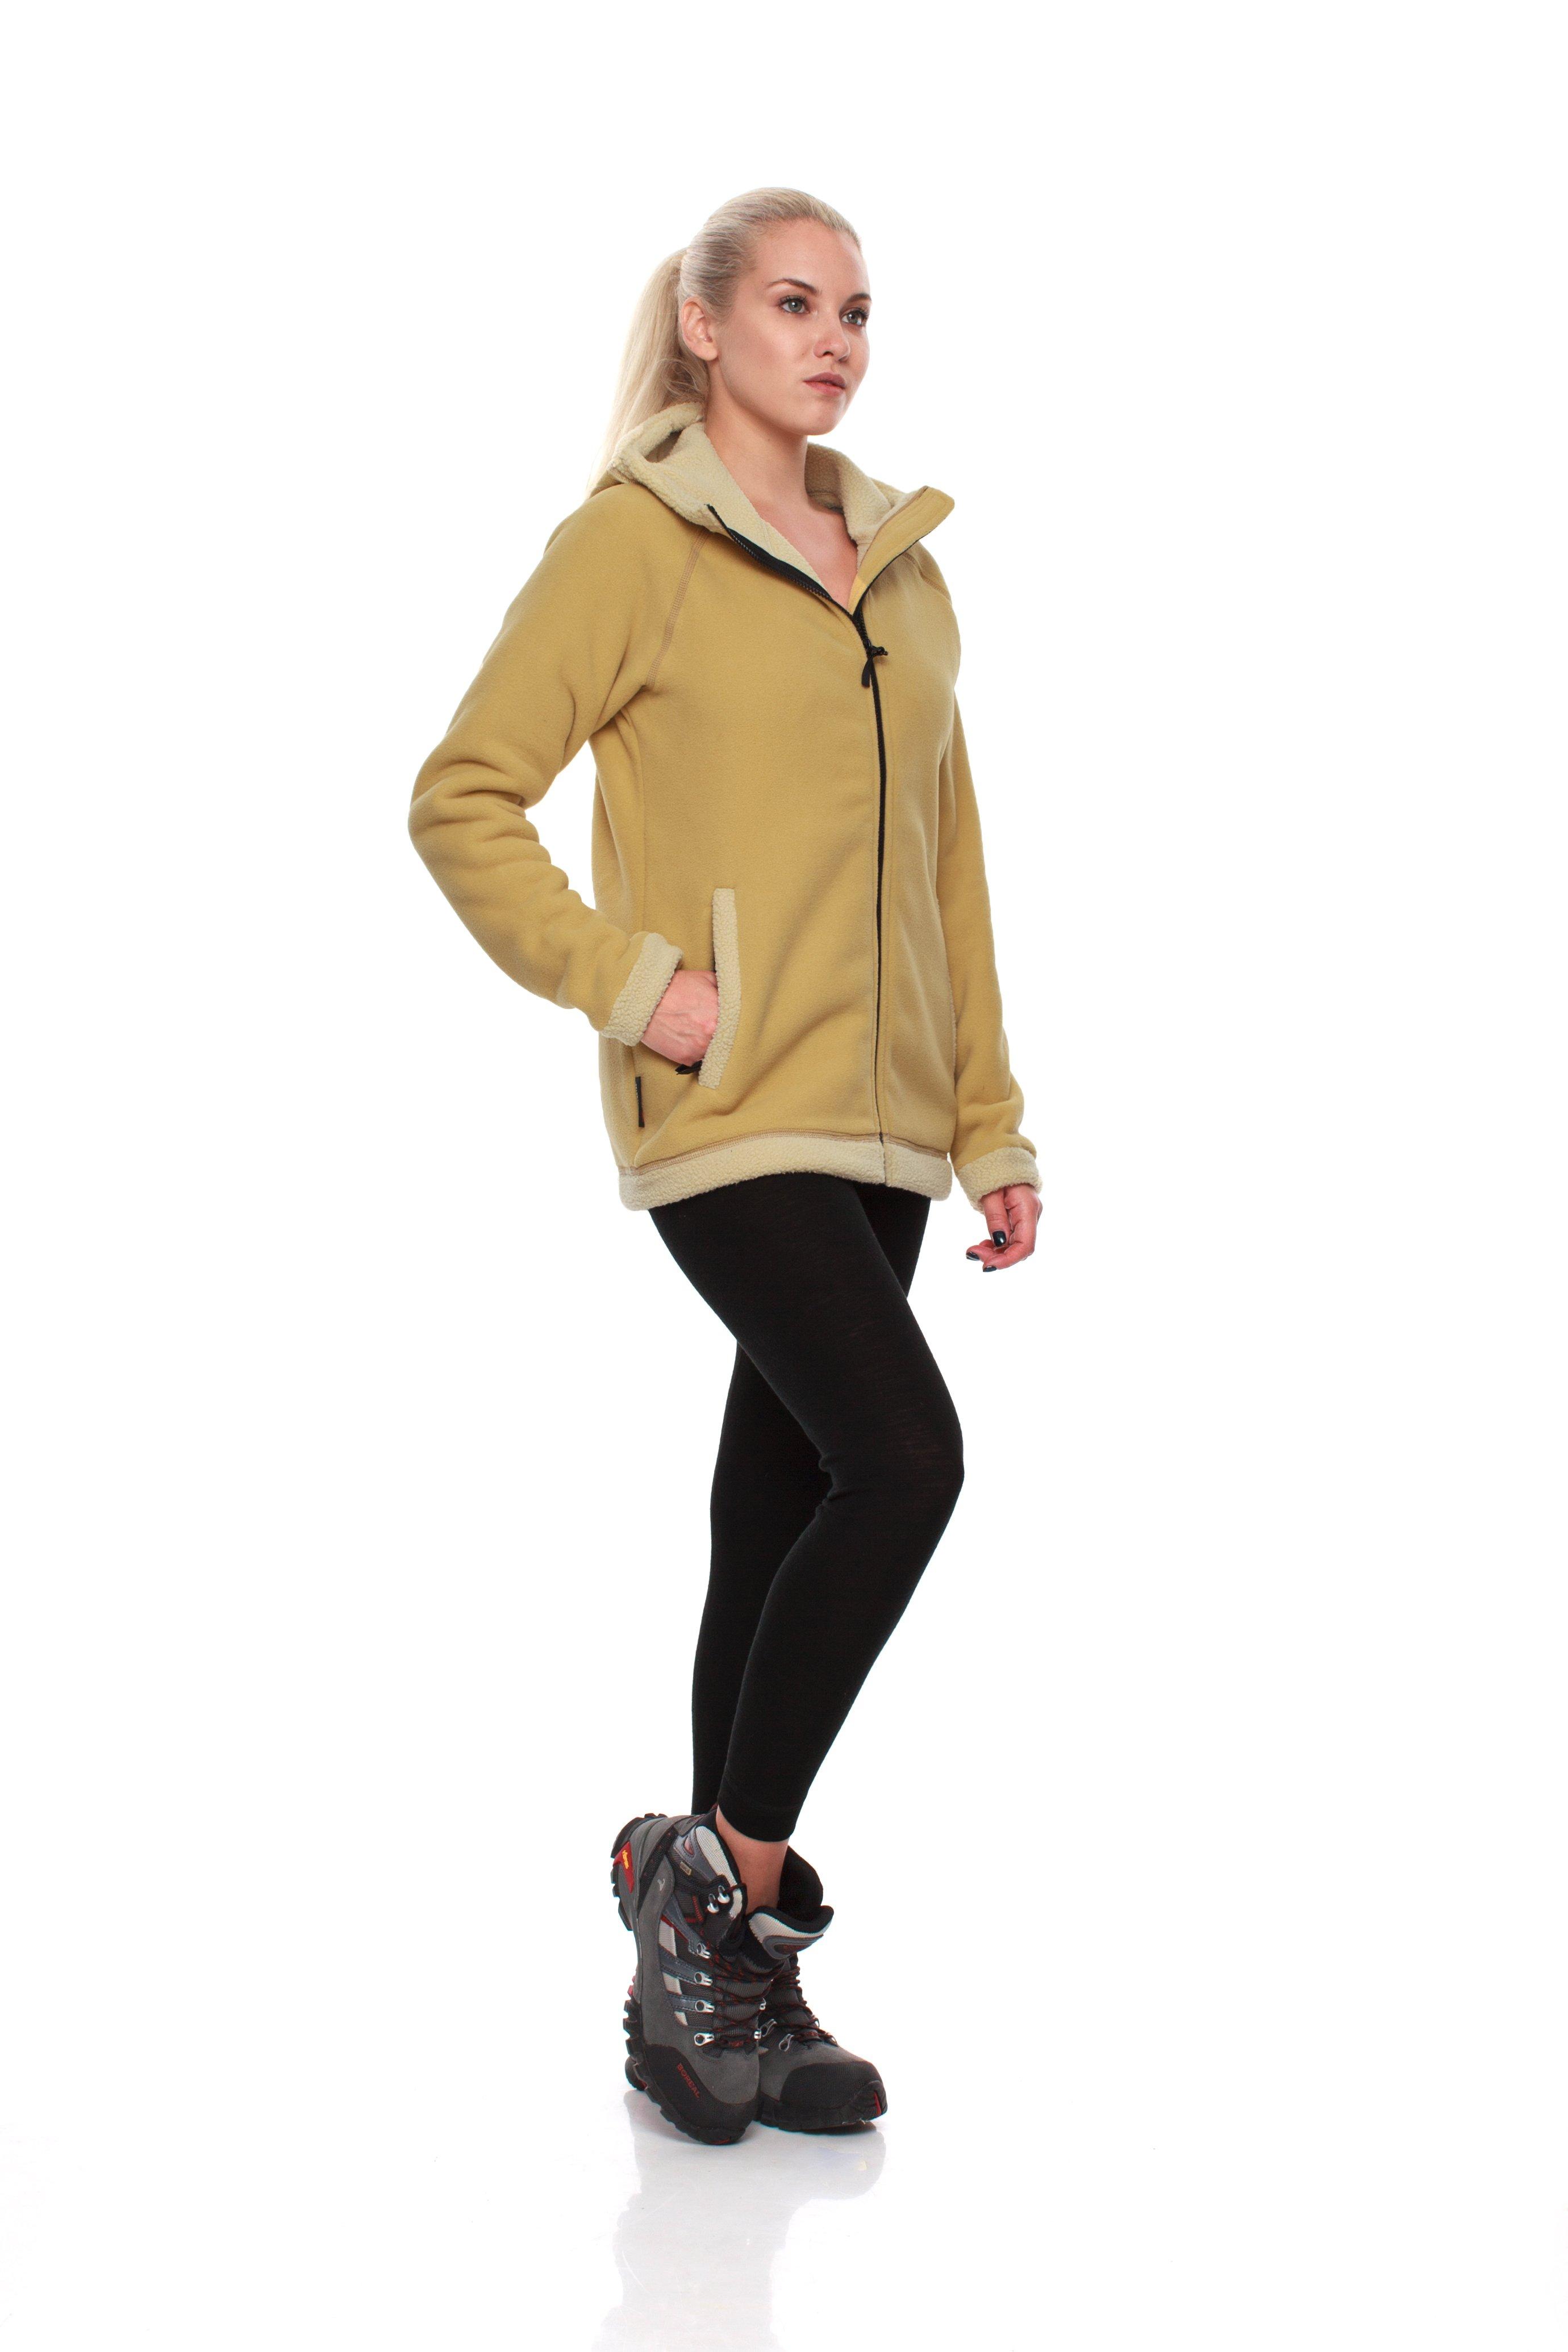 Куртка BASK GUDZON LADY 655aТёплая женская куртка из ткани Polartec&amp;reg; Classic 375. Прочный наружный слой защищает от ветра; ворсистая внутренняя поверхность сохраняет тепло.<br><br>Боковые карманы: 2<br>Вес граммы: 650<br>Ветрозащитная планка: Да<br>Внутренние карманы: 2<br>Коллекция: POLARTEC<br>Материал: Polartec® Classic® 375<br>Материал усиления: Нет<br>Пол: Жен.<br>Регулировка вентиляции: Нет<br>Регулировка низа: Да<br>Регулируемые вентиляционные отверстия: Нет<br>Тип молнии: Однозамковая<br>Усиление контактных зон: Нет<br>Размер INT: XS<br>Цвет: СЕРЫЙ